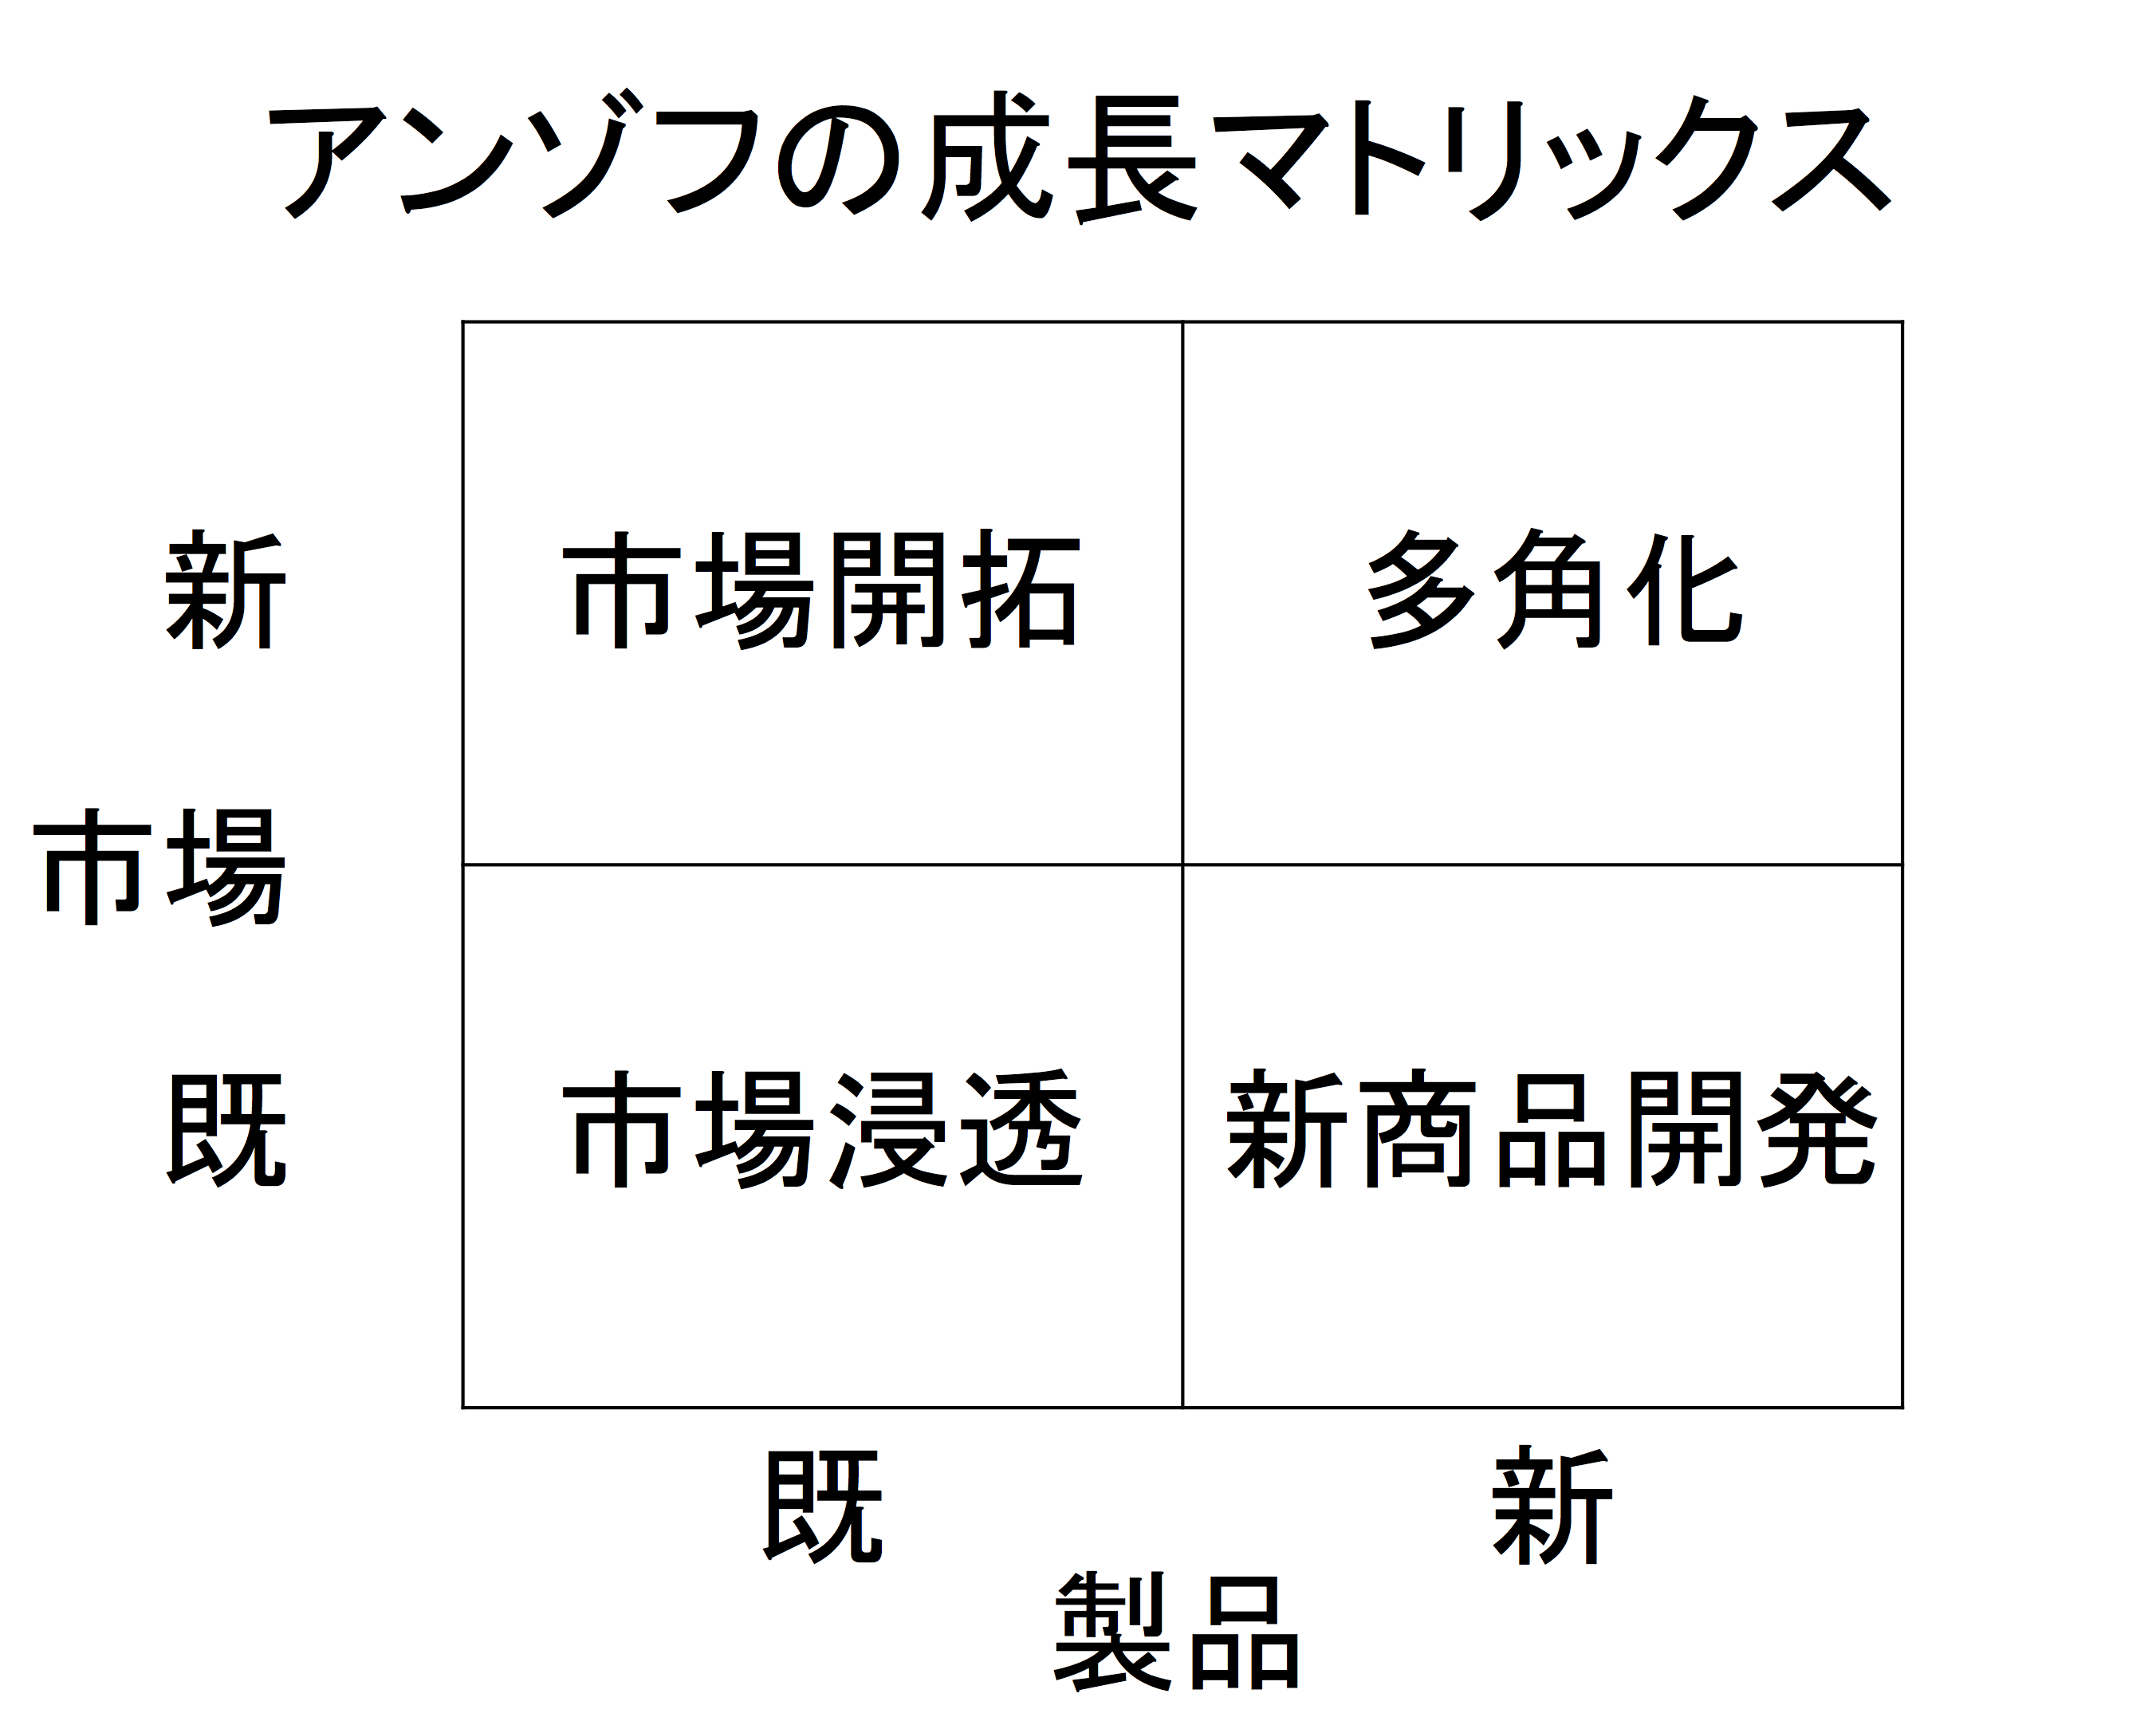 永井孝尚オフィシャルサイトメニューカテゴリーアーカイブ: イノベーション「成熟社会だから、現状維持でいいのでは?」「リスクを取らないこと」が、最大のリスク「100万社のマーケティング」に寄稿しましたオムニマネジメント2016年5月号に連載最終回『2020年東京オリンピックは、世の中を変えるイノベーションを生み出す』が掲載されました真冬の北国で採れたトロピカルフルーツが、なぜ1個2万円で売れるのか?ガラガラの紳士服店は儲かっているのか?変革は、若者しかできないのか?世界で話題騒然のウーバー(Uber)。東京都内で乗ってみた下町ロケット・佃航平は、ものづくりではなく顧客づくりをしていた模倣戦略は失敗の王道。しかし有効な場合もあるカメラを再定義。4年間で売上が22倍に成長したGoPro売れる商品は、必ず真似される。ではどうする?「ヘッドピンの存在を信じる」マツダ スカイアクティブ成功の裏側責任感と法令遵守精神が強すぎるから、日本企業は斬新なビジネスを立ち上げられない、という意見Google/Appleは自動車業界を制覇するのか?ルンバ大成功の裏にあった、14の新規事業失敗の意味。日本の電機メーカーは「ルンバという製品」でなく、「アイロボット社の考え方」を学ぶべき成功体験の賞味期限が短くなっている。だから成功体験の否定力が重要中原淳著『研修開発入門』…網羅的で実践的な企業研修のガイドドンキもドワンゴも、強みの源泉は、その強みを明確に説明できないこと「ファミマ、ユニー統合」…企業統合で生まれる顧客価値向上が、統合ロスタイムによる損失を上回るか?エレクトラックスが価格競争に陥らない理由「安かろう、悪かろうのLCCは時代遅れ」新事業にこそ、活路がある:自社の強みと足りないスキルを見極め、新常識を既存市場に持ち込み、差別化を図る業種転換のウソ・ホント…共通するのは、「強みの見極め」価格競争から脱して、新たな価値を生み出した後に起こることは、新たな価格競争。ではどうするか?「オンラインで靴を買う顧客は存在する」という仮説を、簡単な実験で検証したザッポス高城 剛著「2035年の世界」 今後20年間に何が起こるか、ポイントを押さえて概観できますSmartNews Compass 2014に参加しました現代の若い起業家たちに感じる、大きな可能性工期1年絶対厳守のホテル。浴室工事だけで1年半。どうする?『デキる・デキない』や『常識』を捨て、『やってみたい』気持ちに従うと、人生が変わる『人が足りなかったから、突破口が見つかった』…規模10倍のライバルに、常識を覆したディーゼルエンジンで挑んだマツダ「イノベーションのジレンマ」は製造業だけでなくあらゆる業界でのテーマである–米国小売業のケースランダル・ストロス著「Yコンビネータ」…起業家精神とは何かを学べる本人類の歴史は、リスクへの挑戦の歴史藤沢久美著「なぜ、川崎モデルは成功したのか?」…日本ならではのオープンイノベーションの姿が、ここにあるアマゾンは、あらゆる消費者体験を革新しようとしているルンバのアイロボットCEO曰く、「日本の顧客を幸せにできれば、世界中の顧客を幸せにすることができる」「自社ならではの強み」は何か?いかに育んでいくか?与えられた経営資源にこだわらず、「本来は…」で発想することが必要なのかもしれない投稿ナビゲーション「永井孝尚ブログ」よりサブメニュー